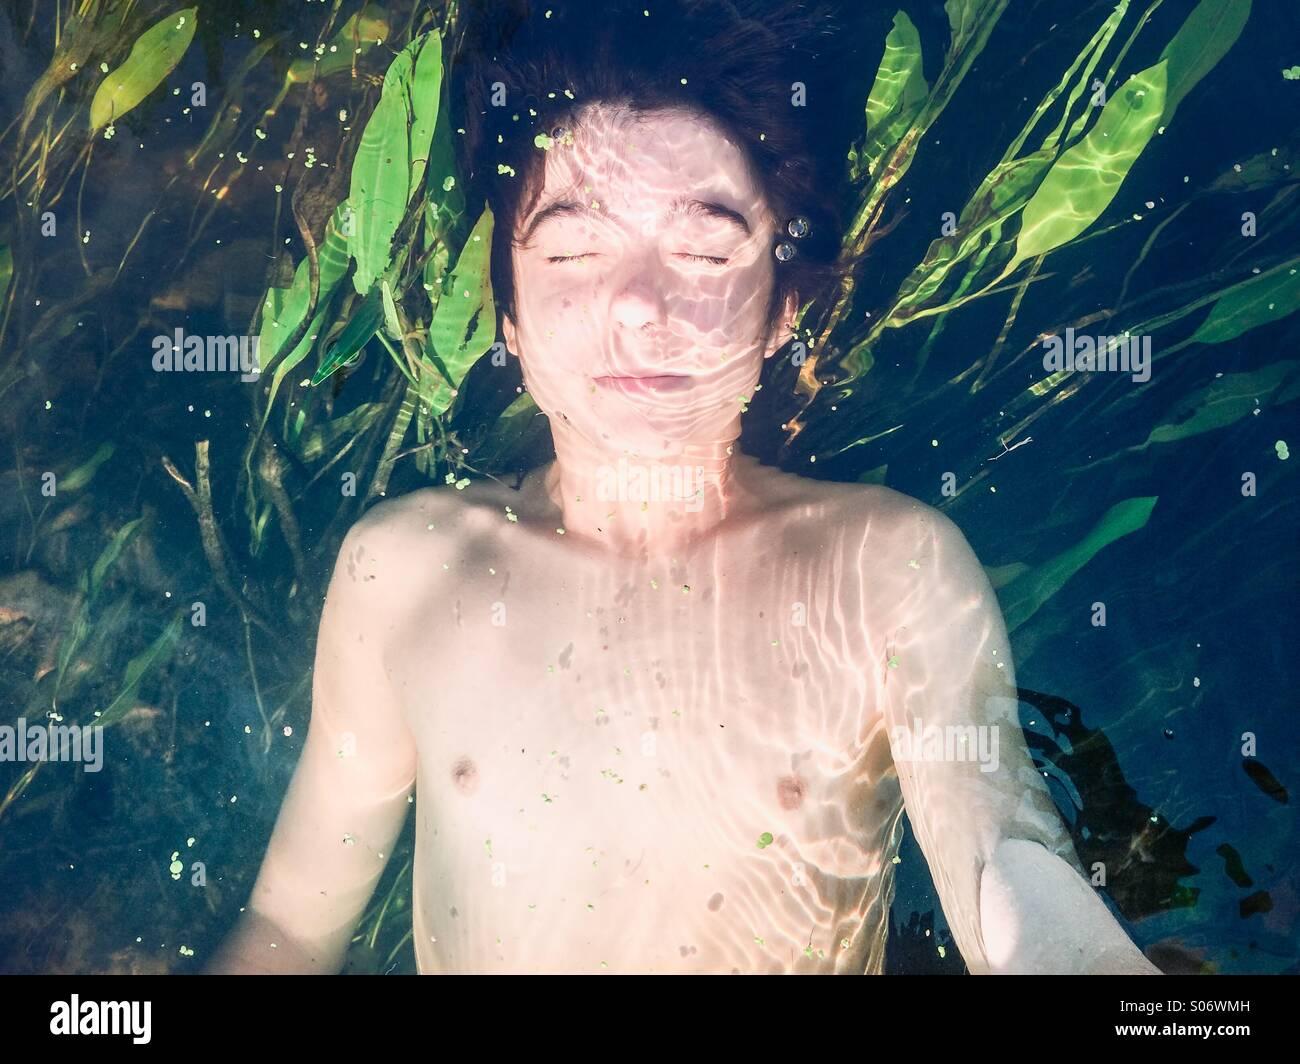 Garçon immergé dans un fleuve avec un écrin de verdure Photo Stock